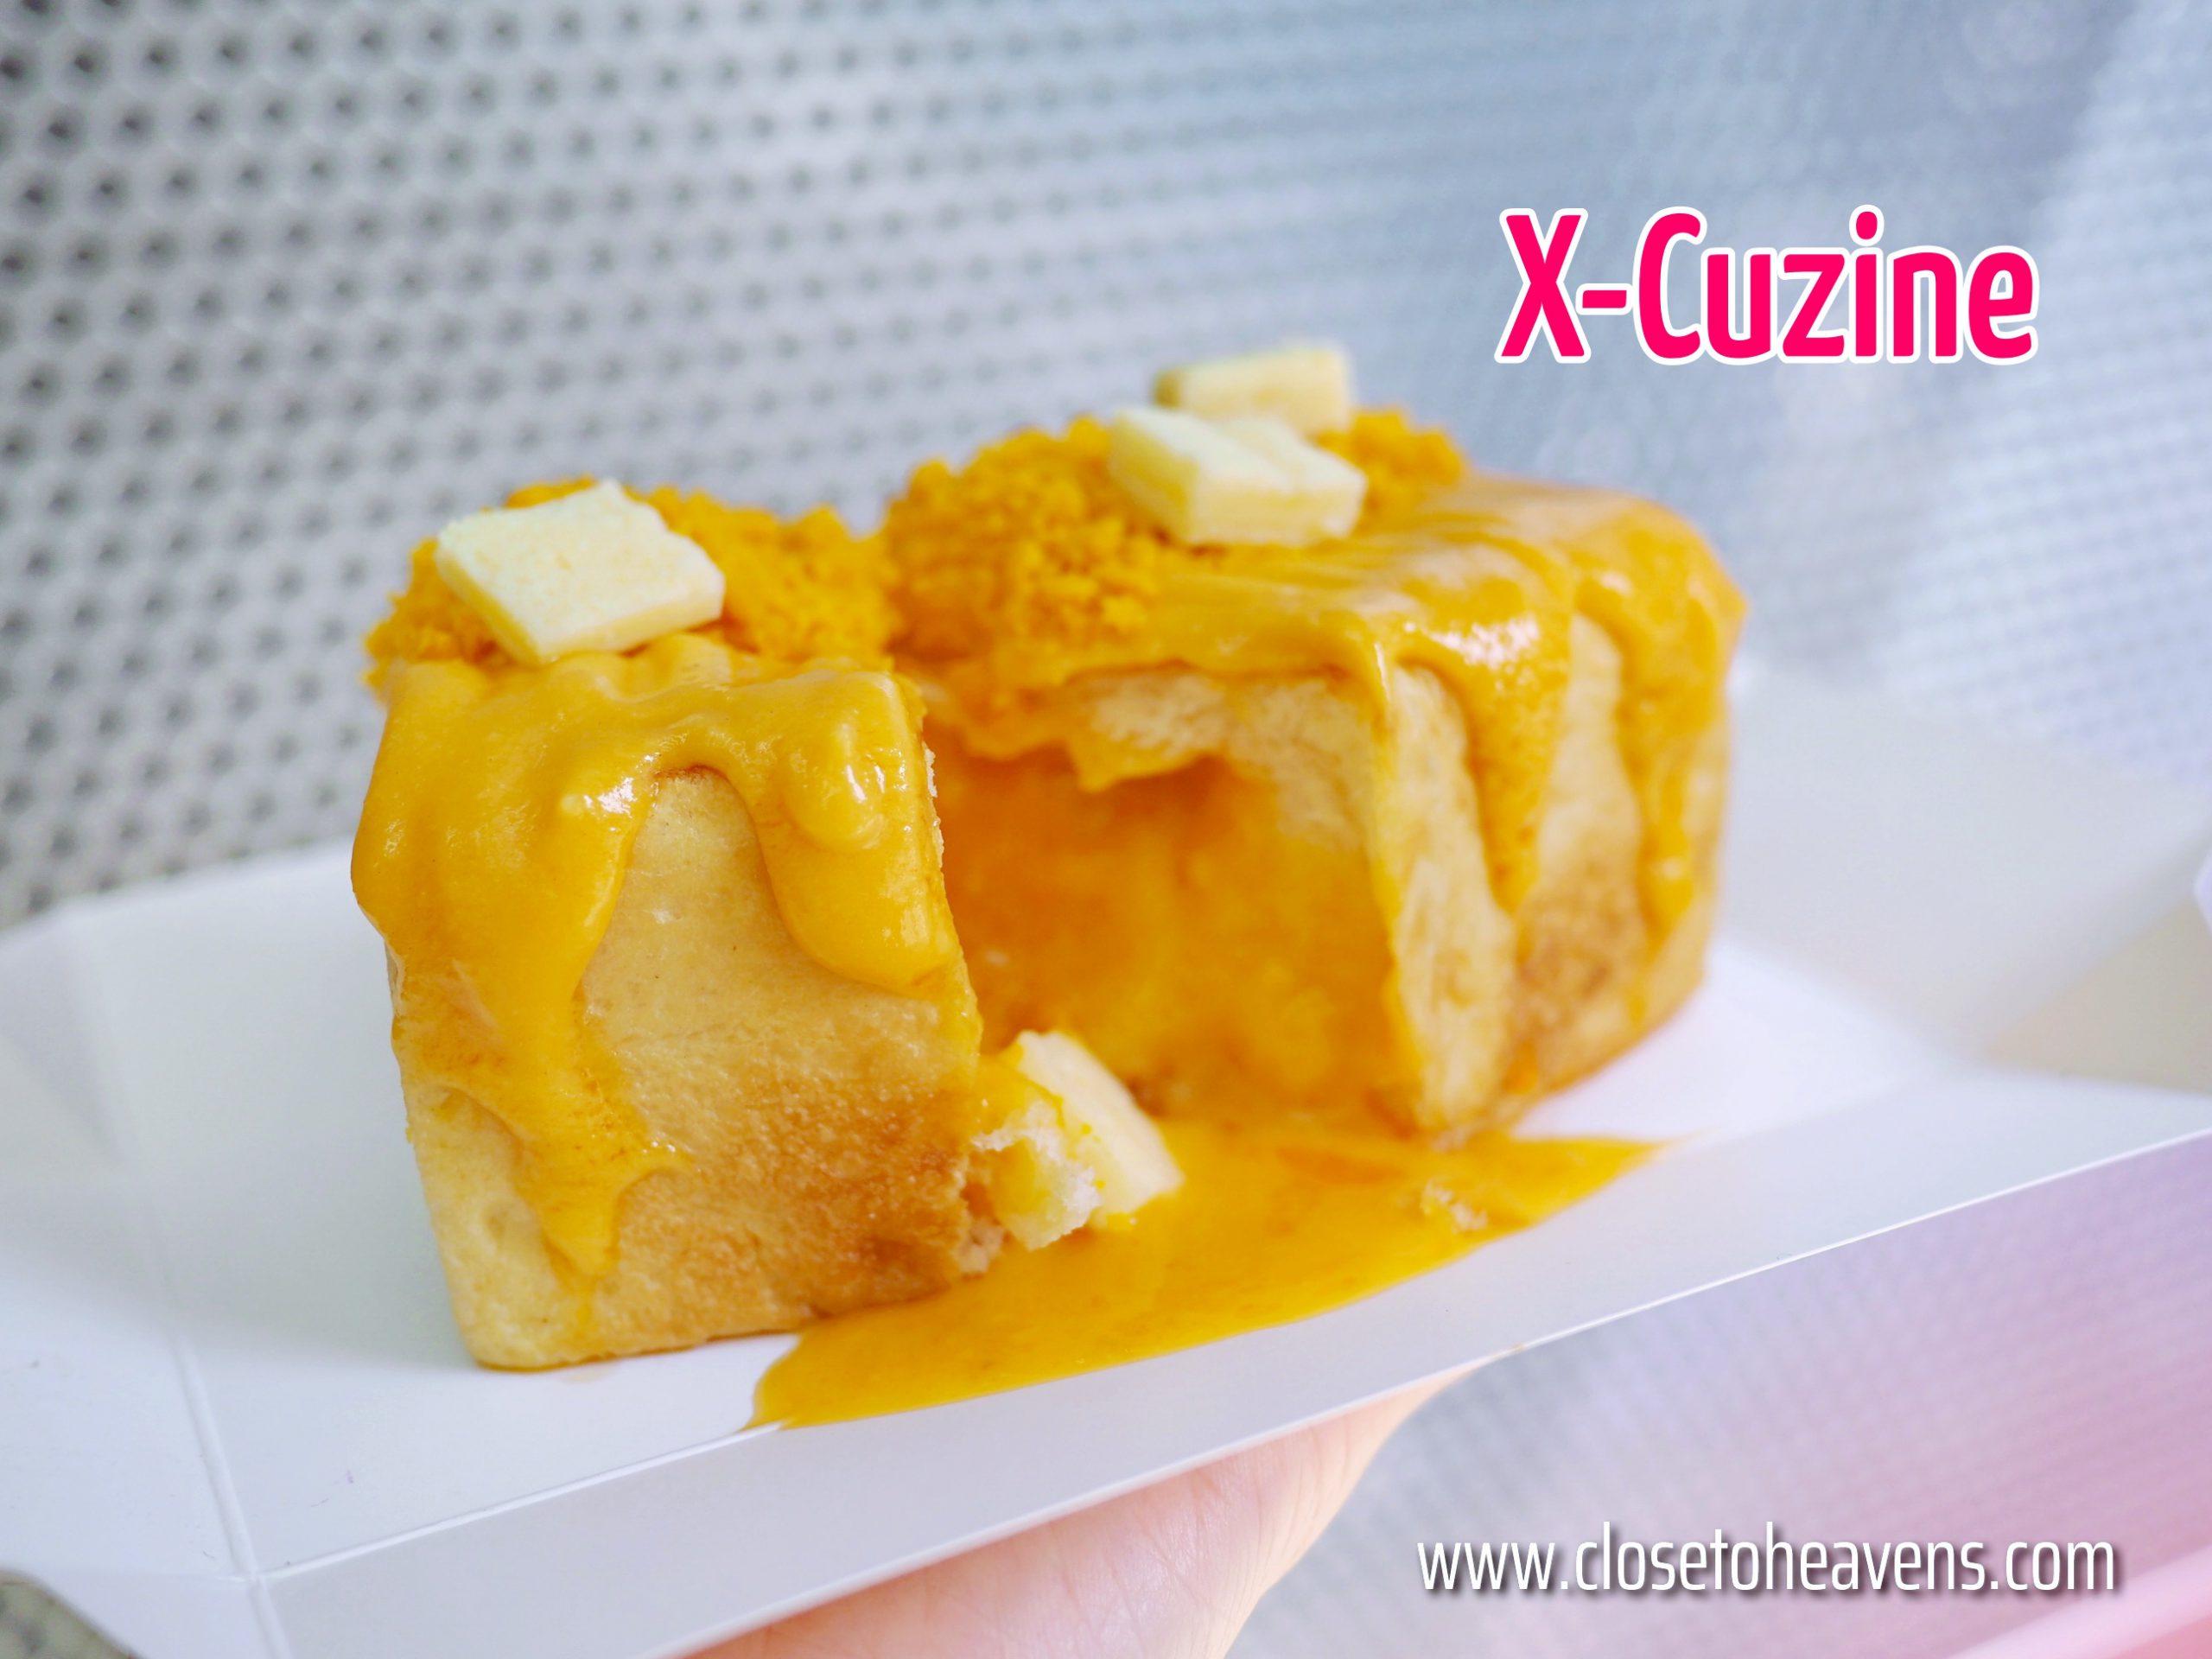 X-Cuzine Lava Loaf ไส้ทะลัก ชีสยืดขั้นสุด